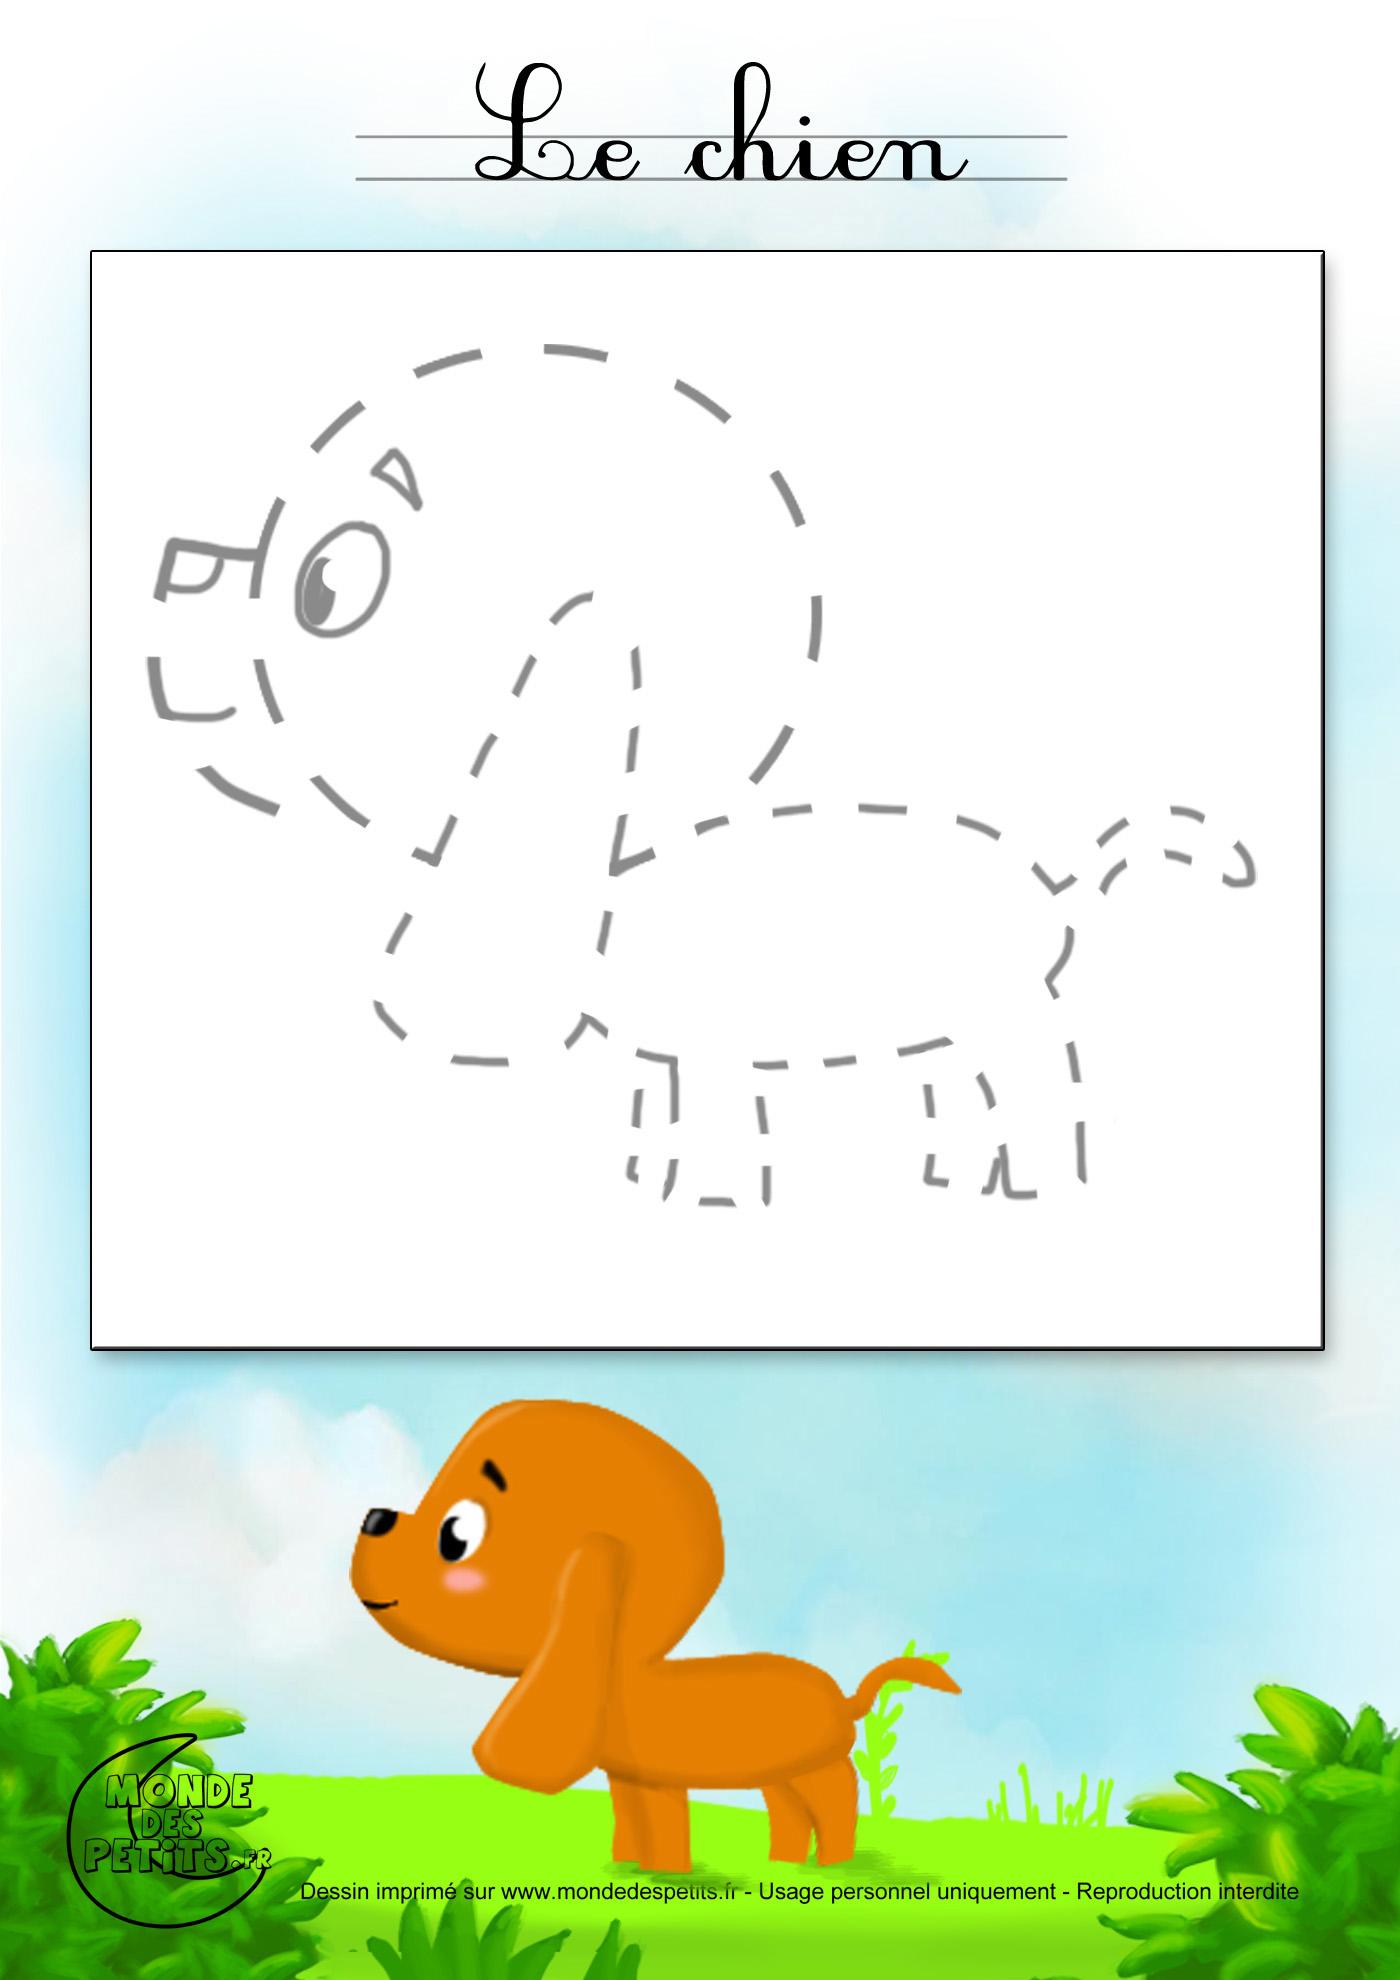 Chien facile a dessiner fq54 jornalagora - Dessiner des animaux facilement ...